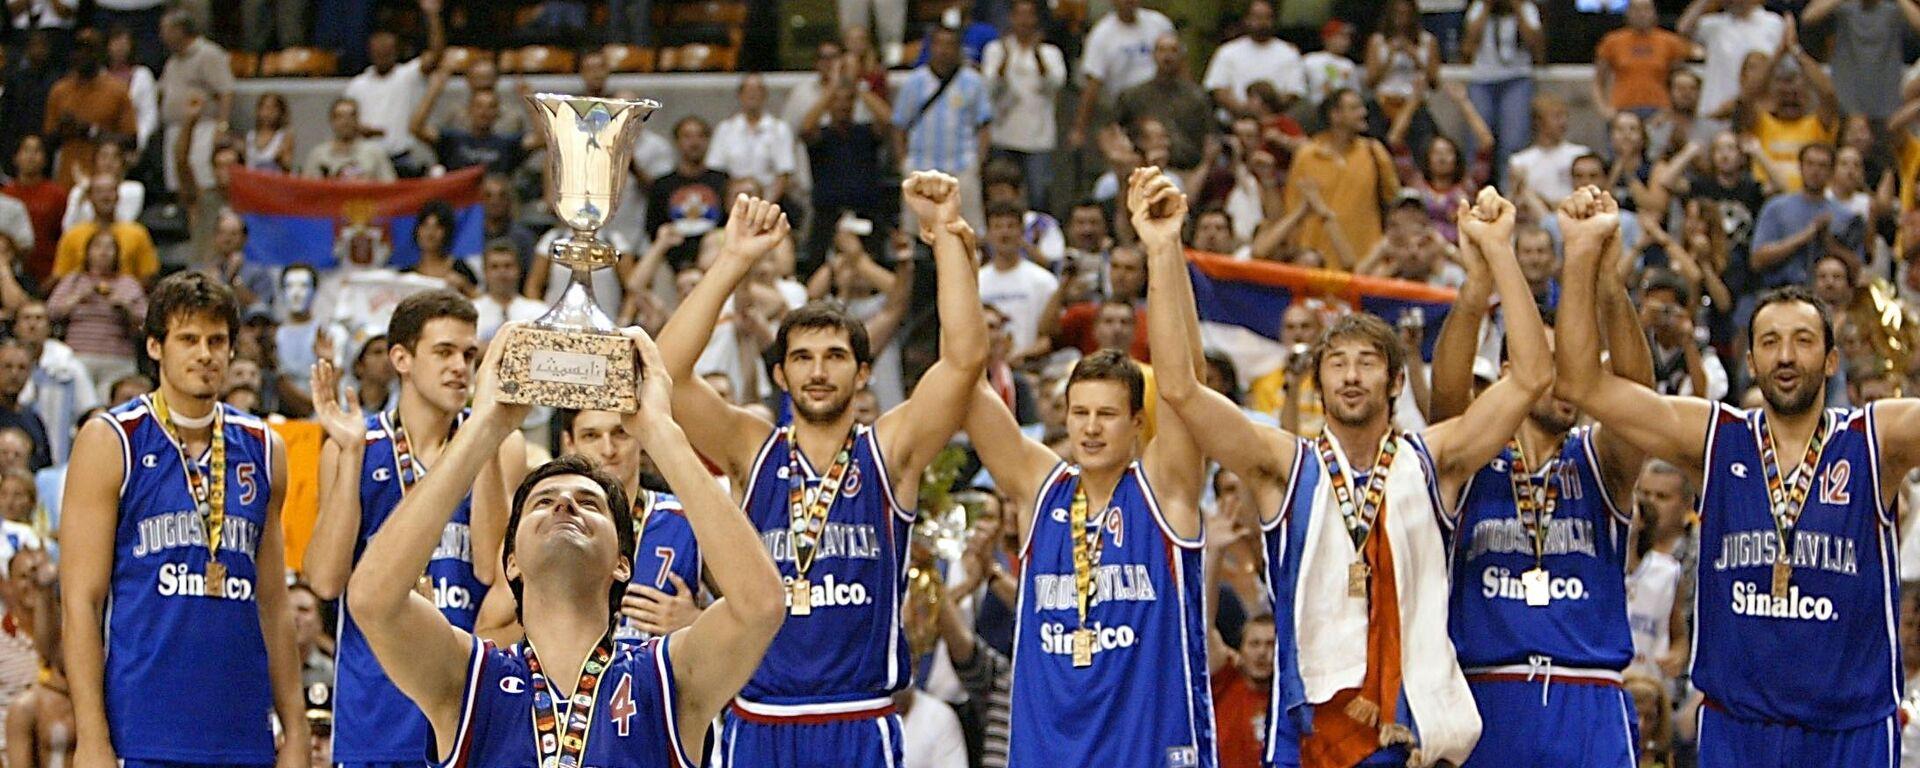 Reprezentacija SR Jugoslavije na pobedničkom postolju nakon osvajanja Svetskog prvenstva u košarci 2002. u Indijanapolisu, SAD - Sputnik Srbija, 1920, 29.09.2021